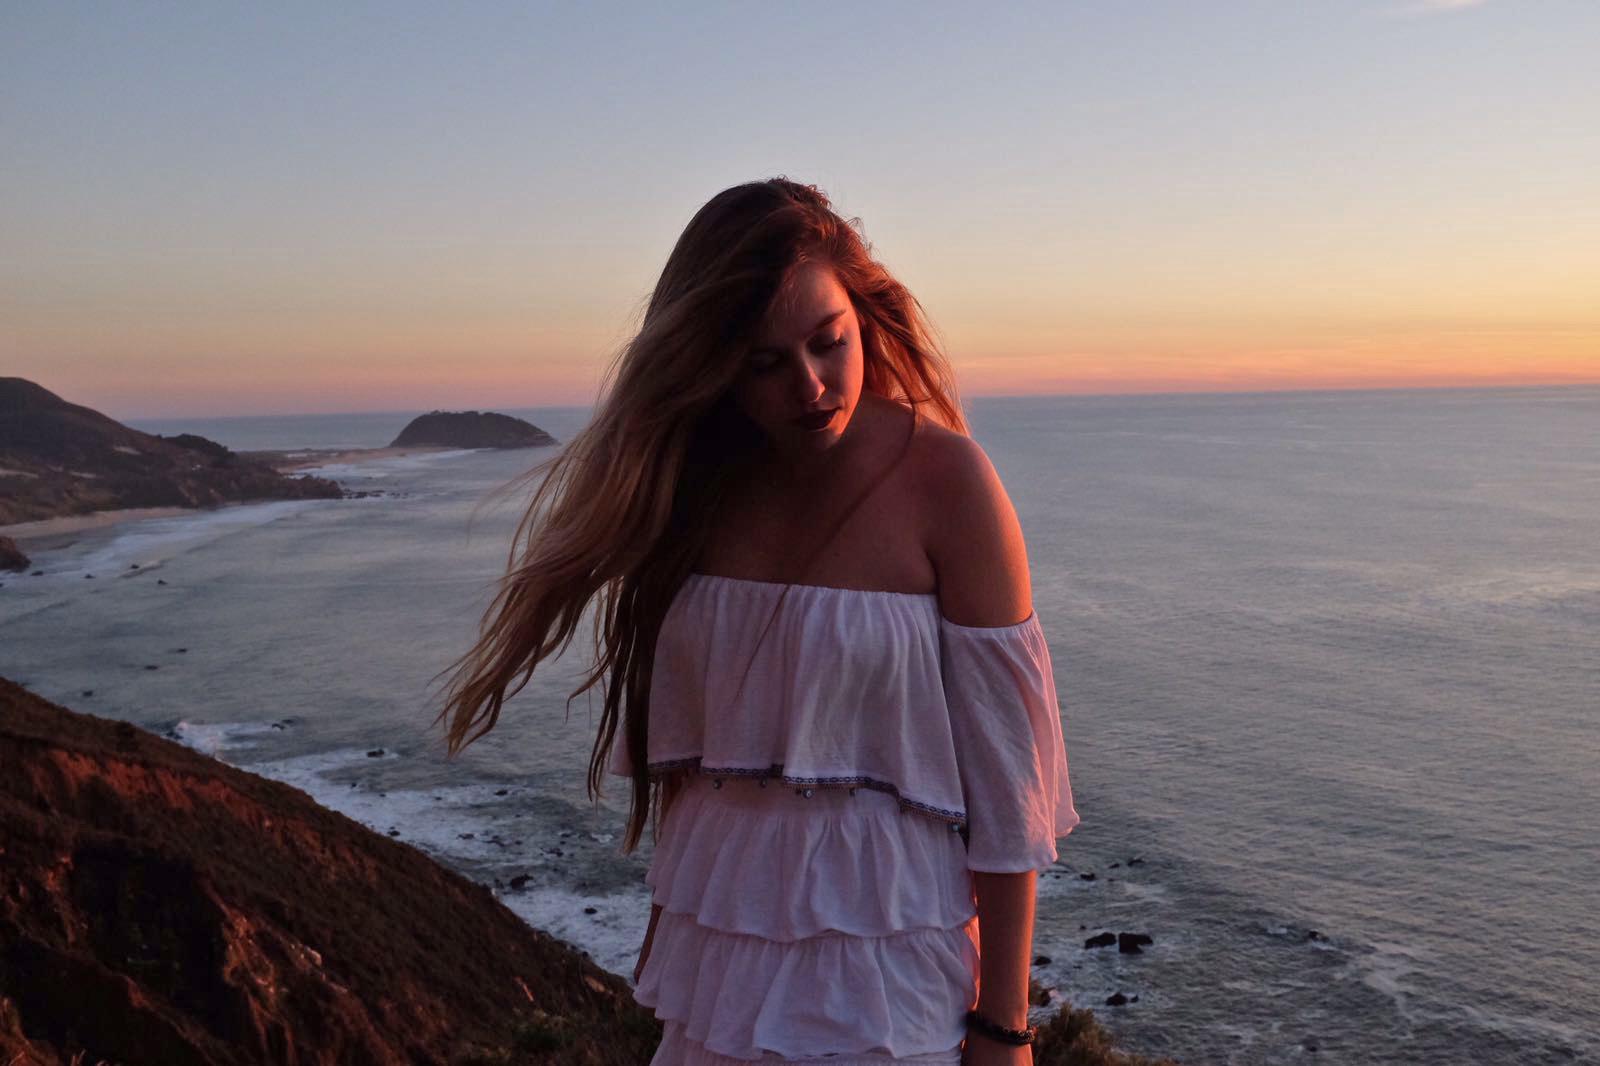 JordanRose_AstroBandit_Pitusa_BigSur_Sunset_WhiteRuffles_9.jpg